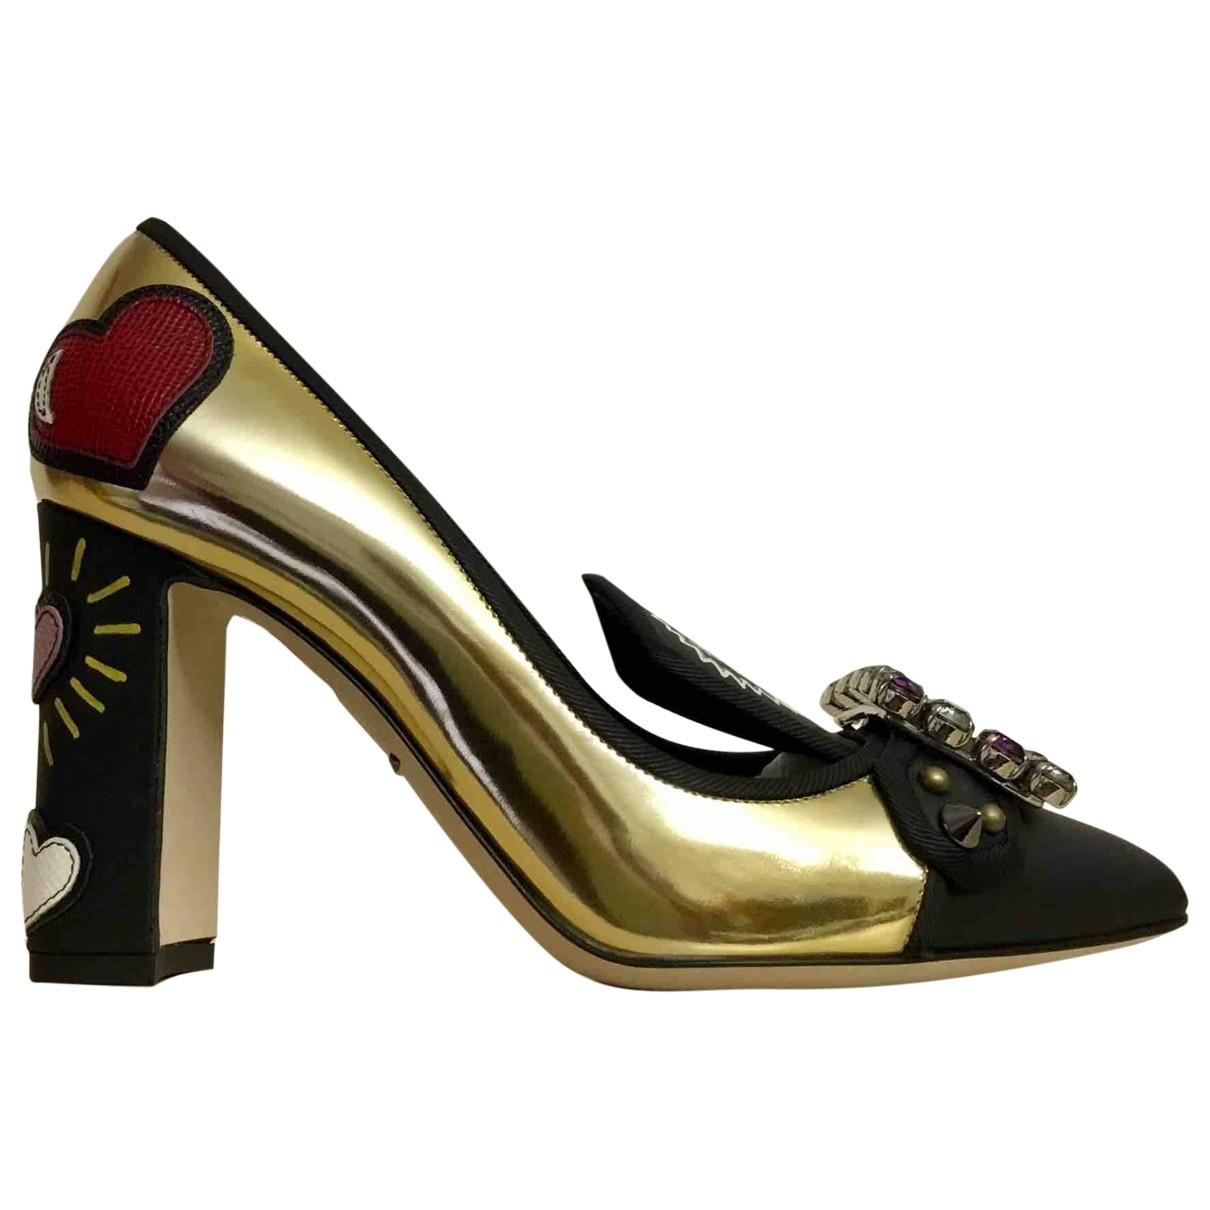 Dolce & Gabbana - Escarpins   pour femme en cuir verni - dore